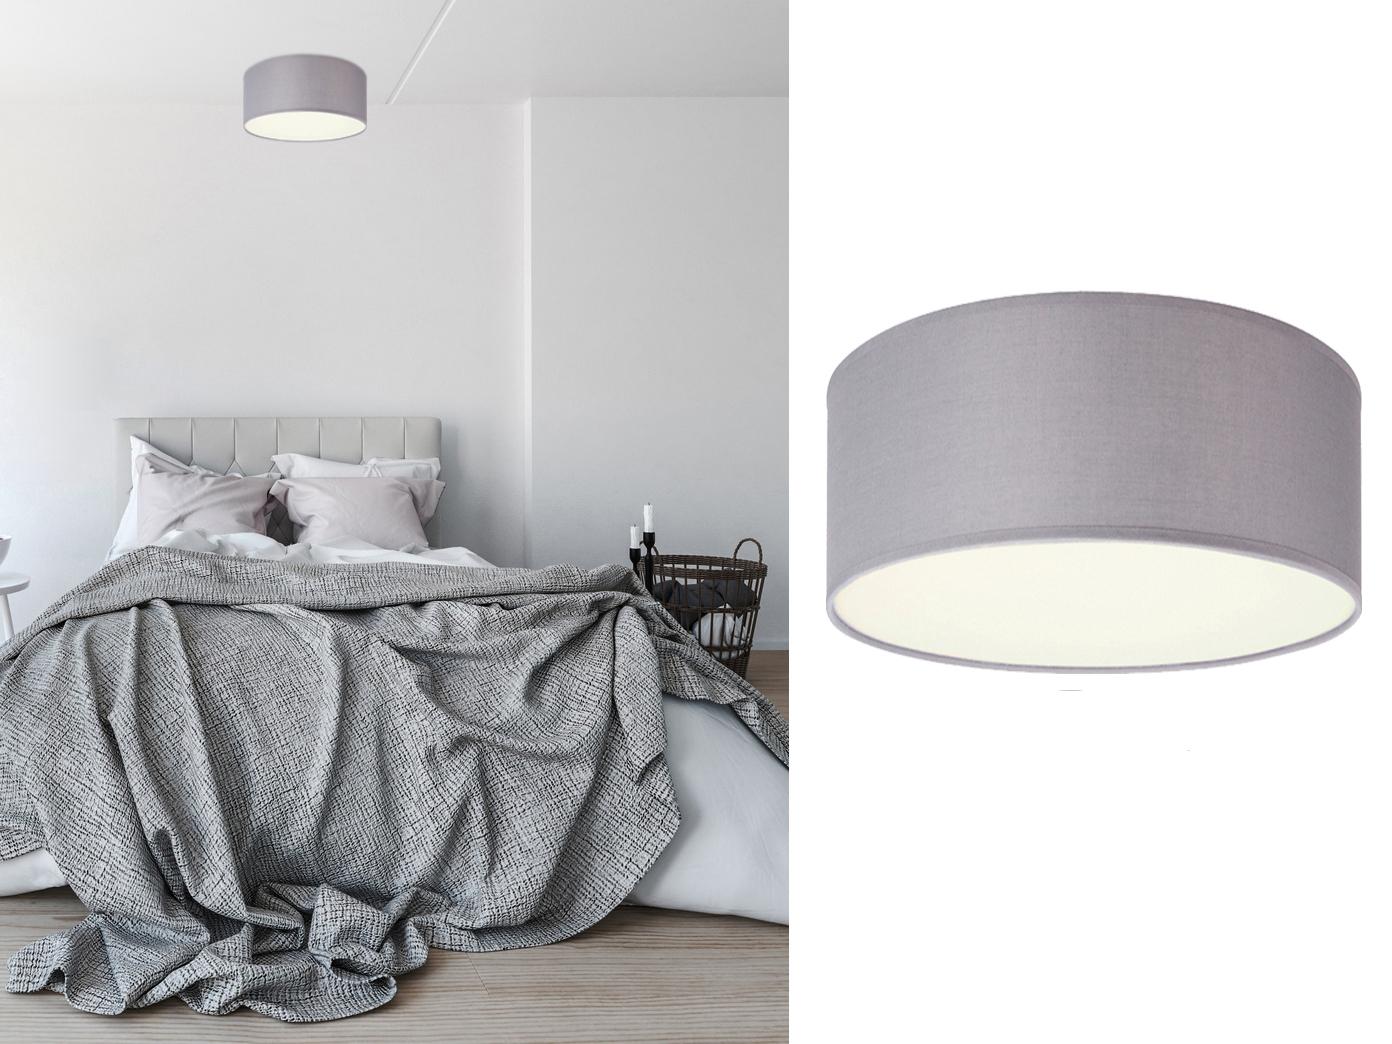 led deckenlampe rund stoffschirm satinierte abdeckung wohnzimmer deckenleuchten ebay. Black Bedroom Furniture Sets. Home Design Ideas